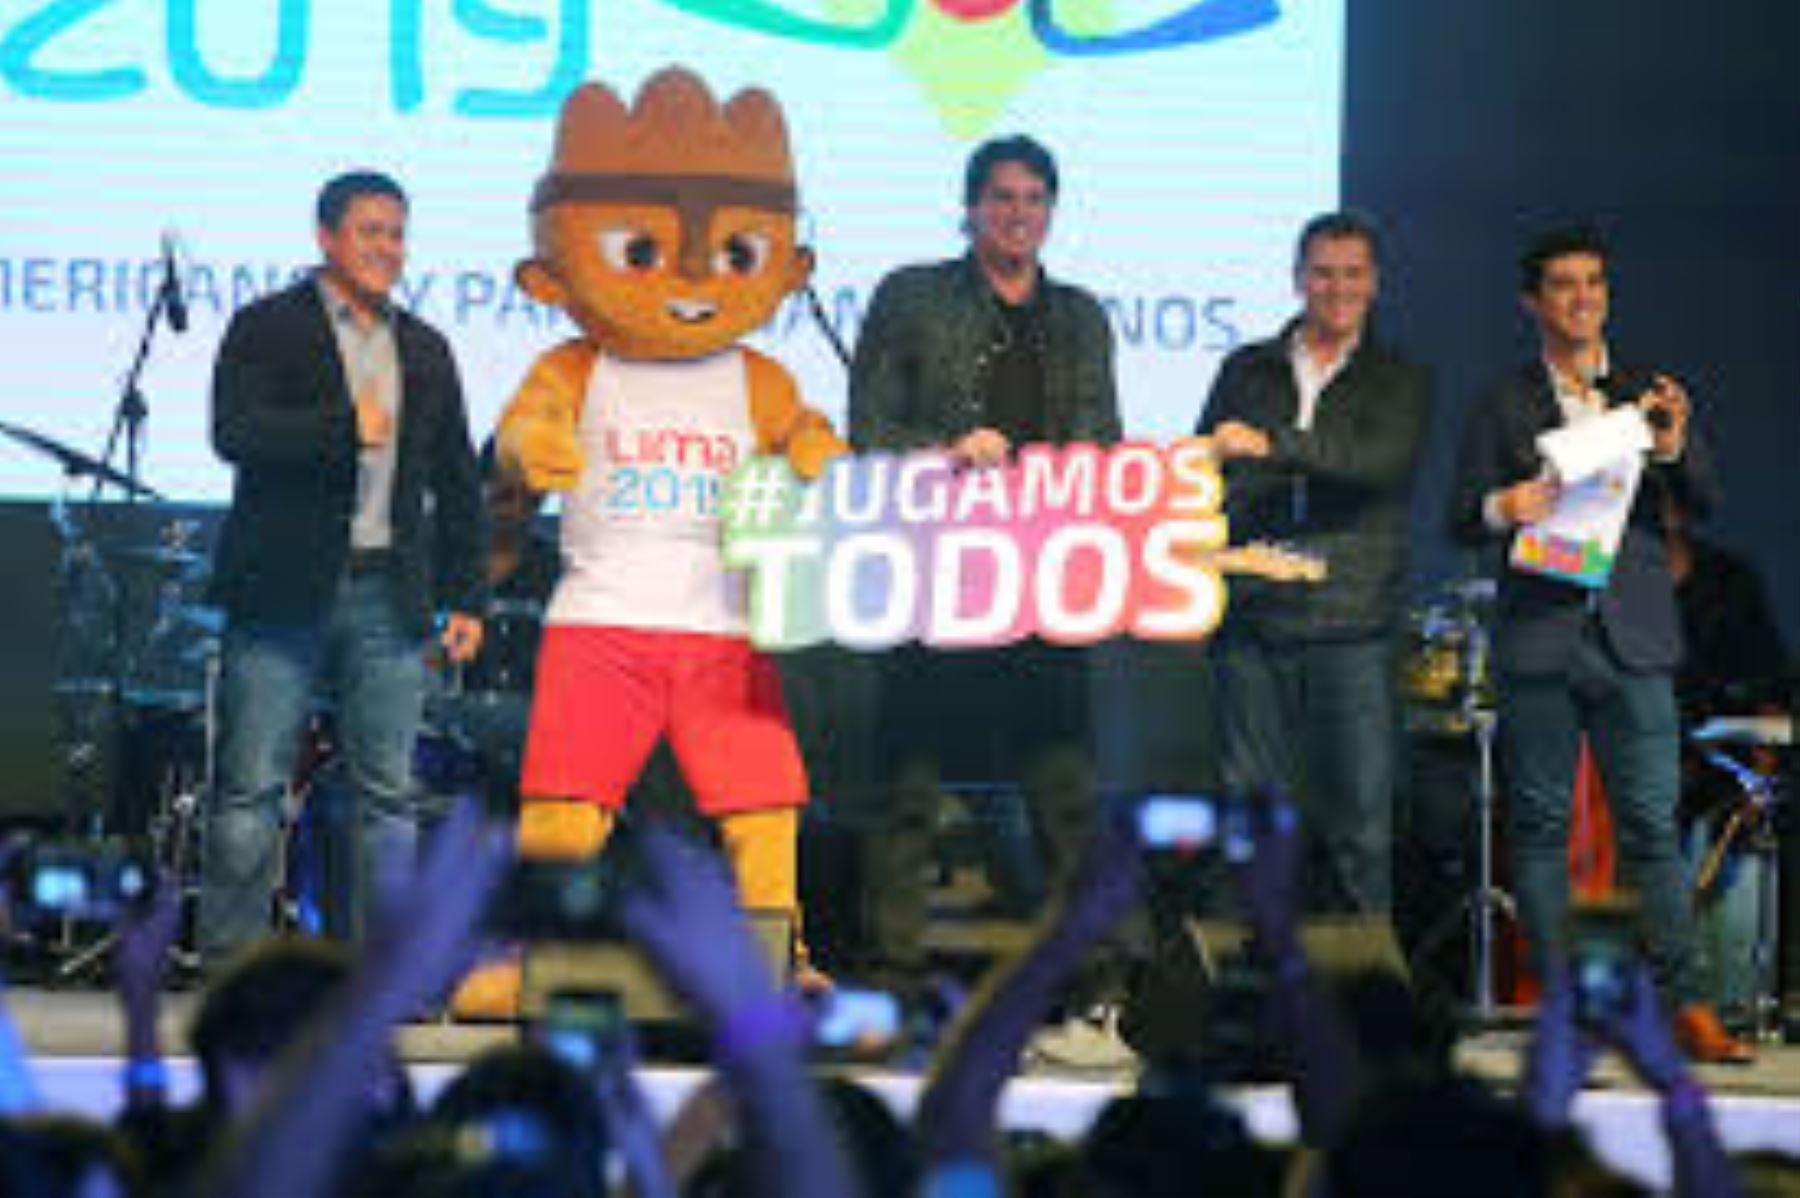 """La canción """"Juguemos todos"""" fue interpretada por artistas peruanos la noche de la inauguración de los Juegos Panamericanos Lima 2019."""